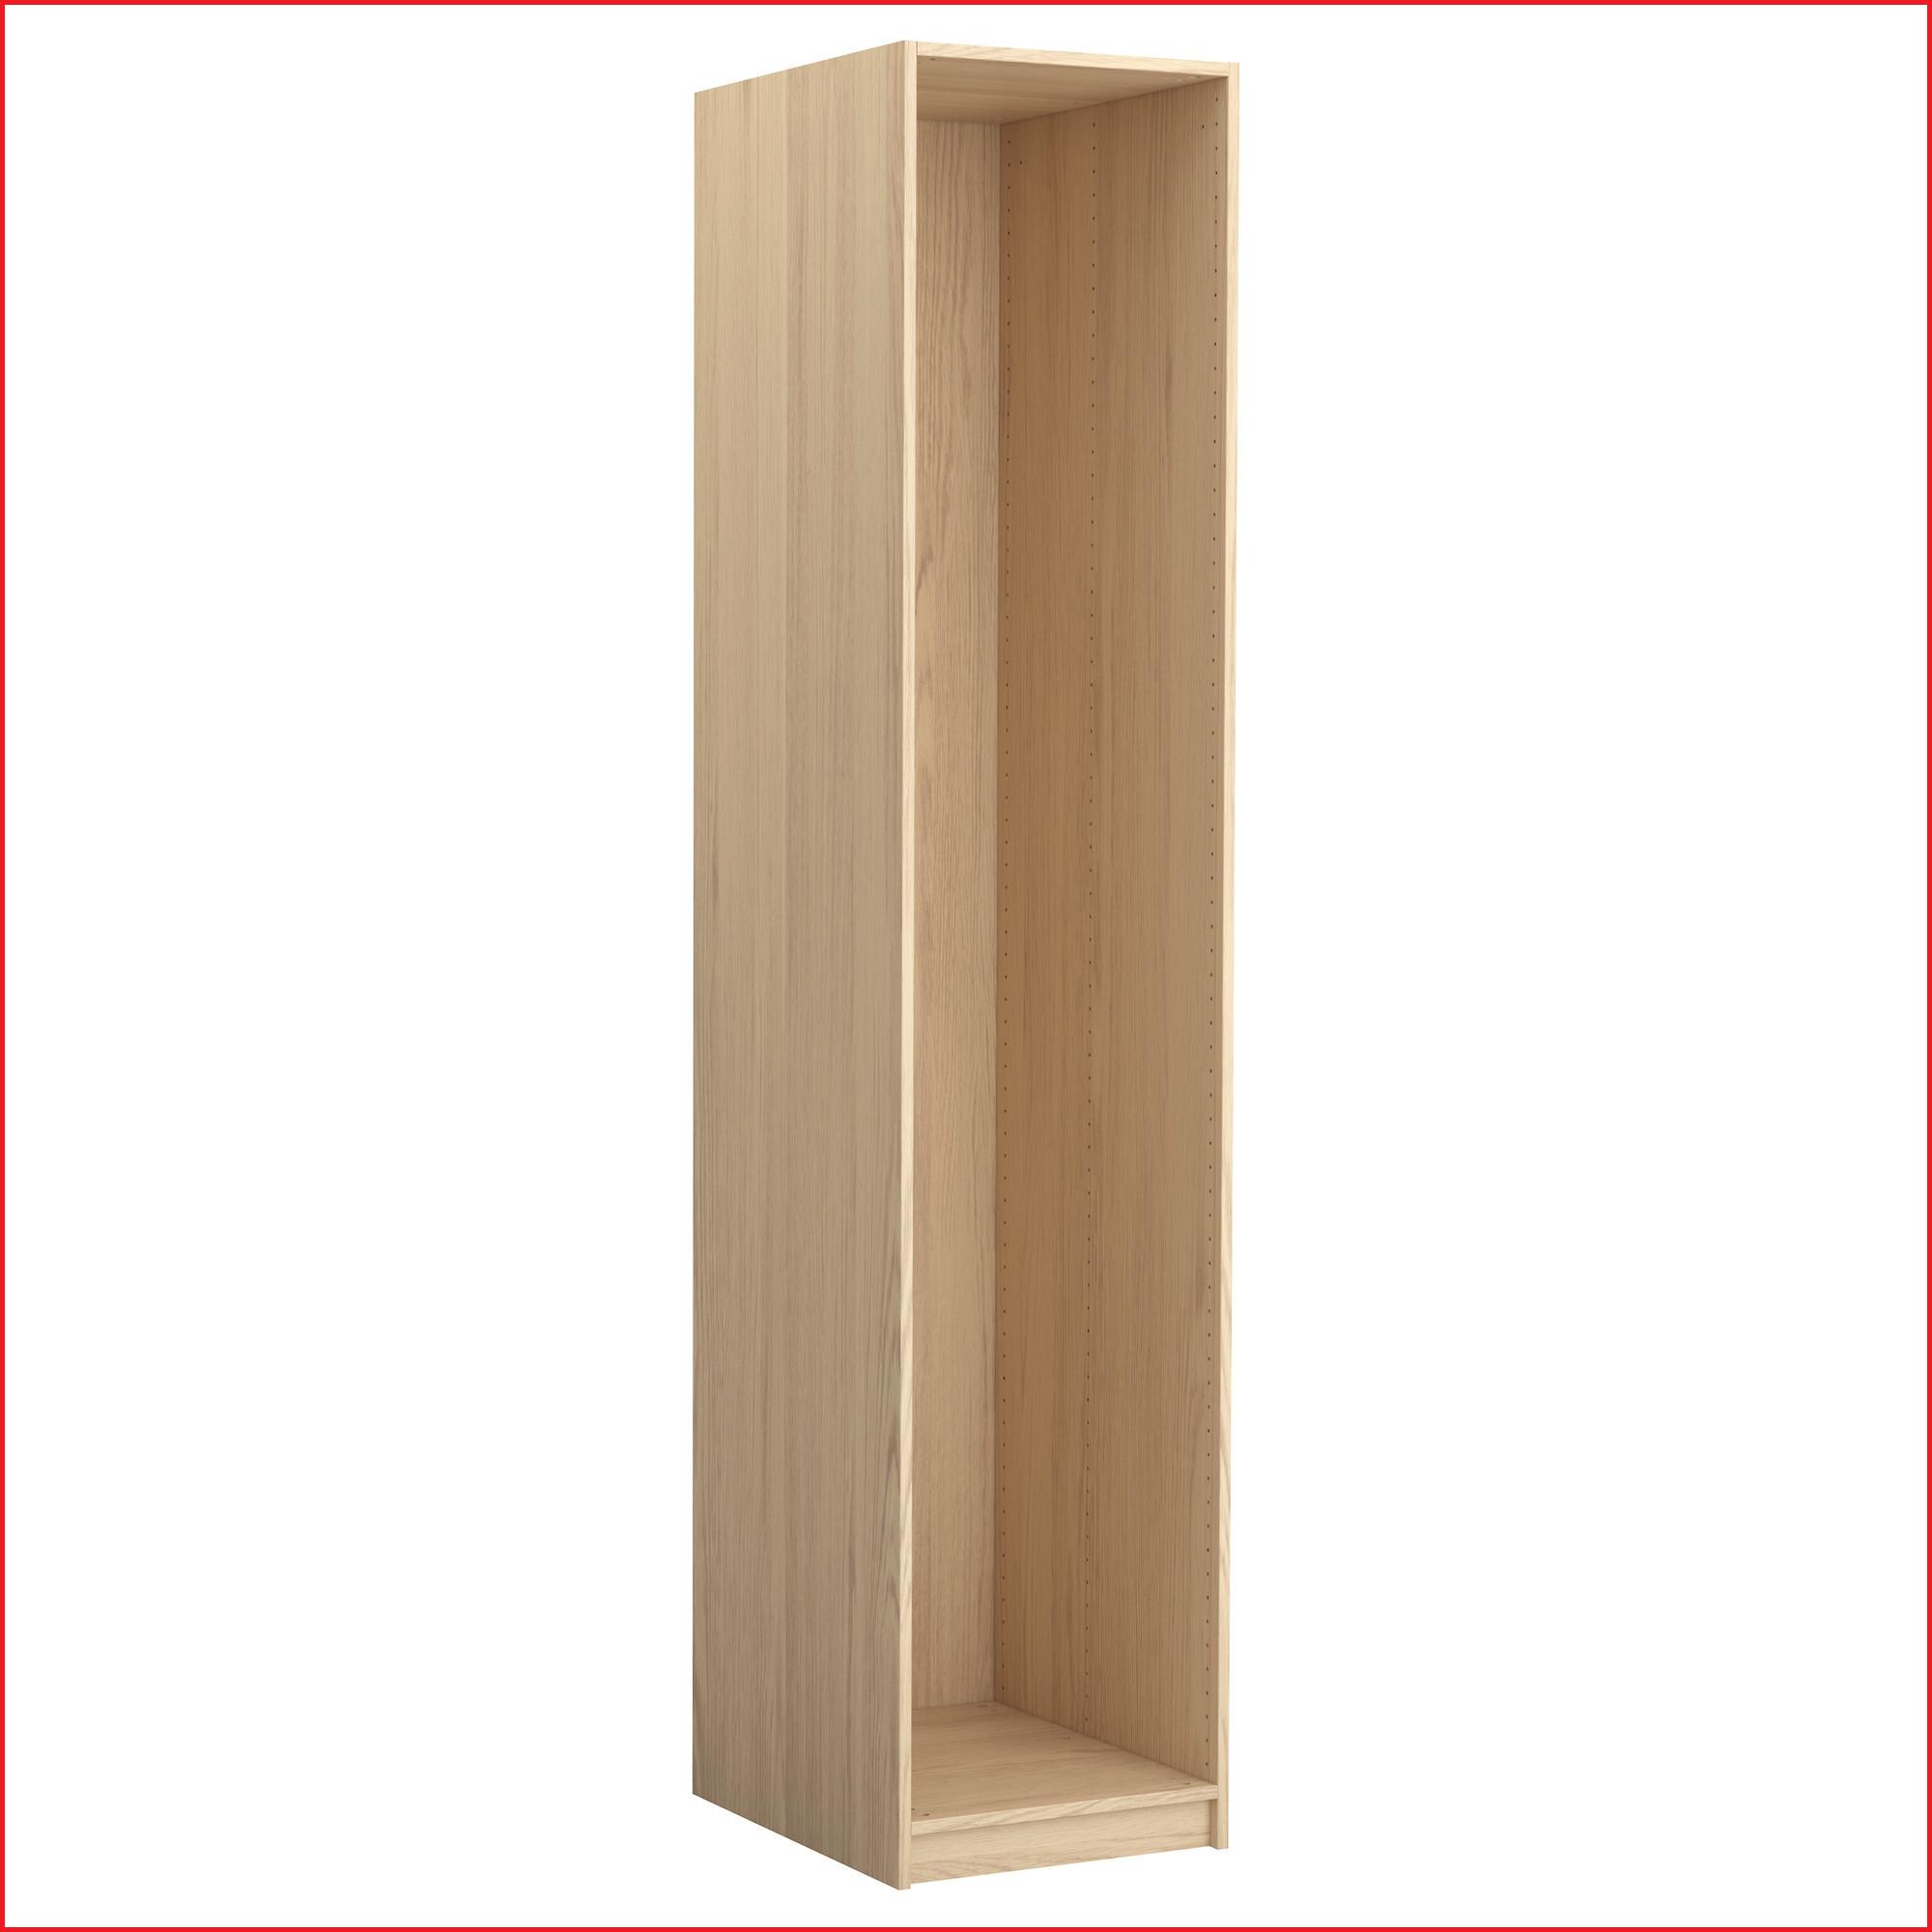 Armarios De Jardin Ikea Thdr Armarios De Jardin Ikea Pax Estructura Armario 50 Roble